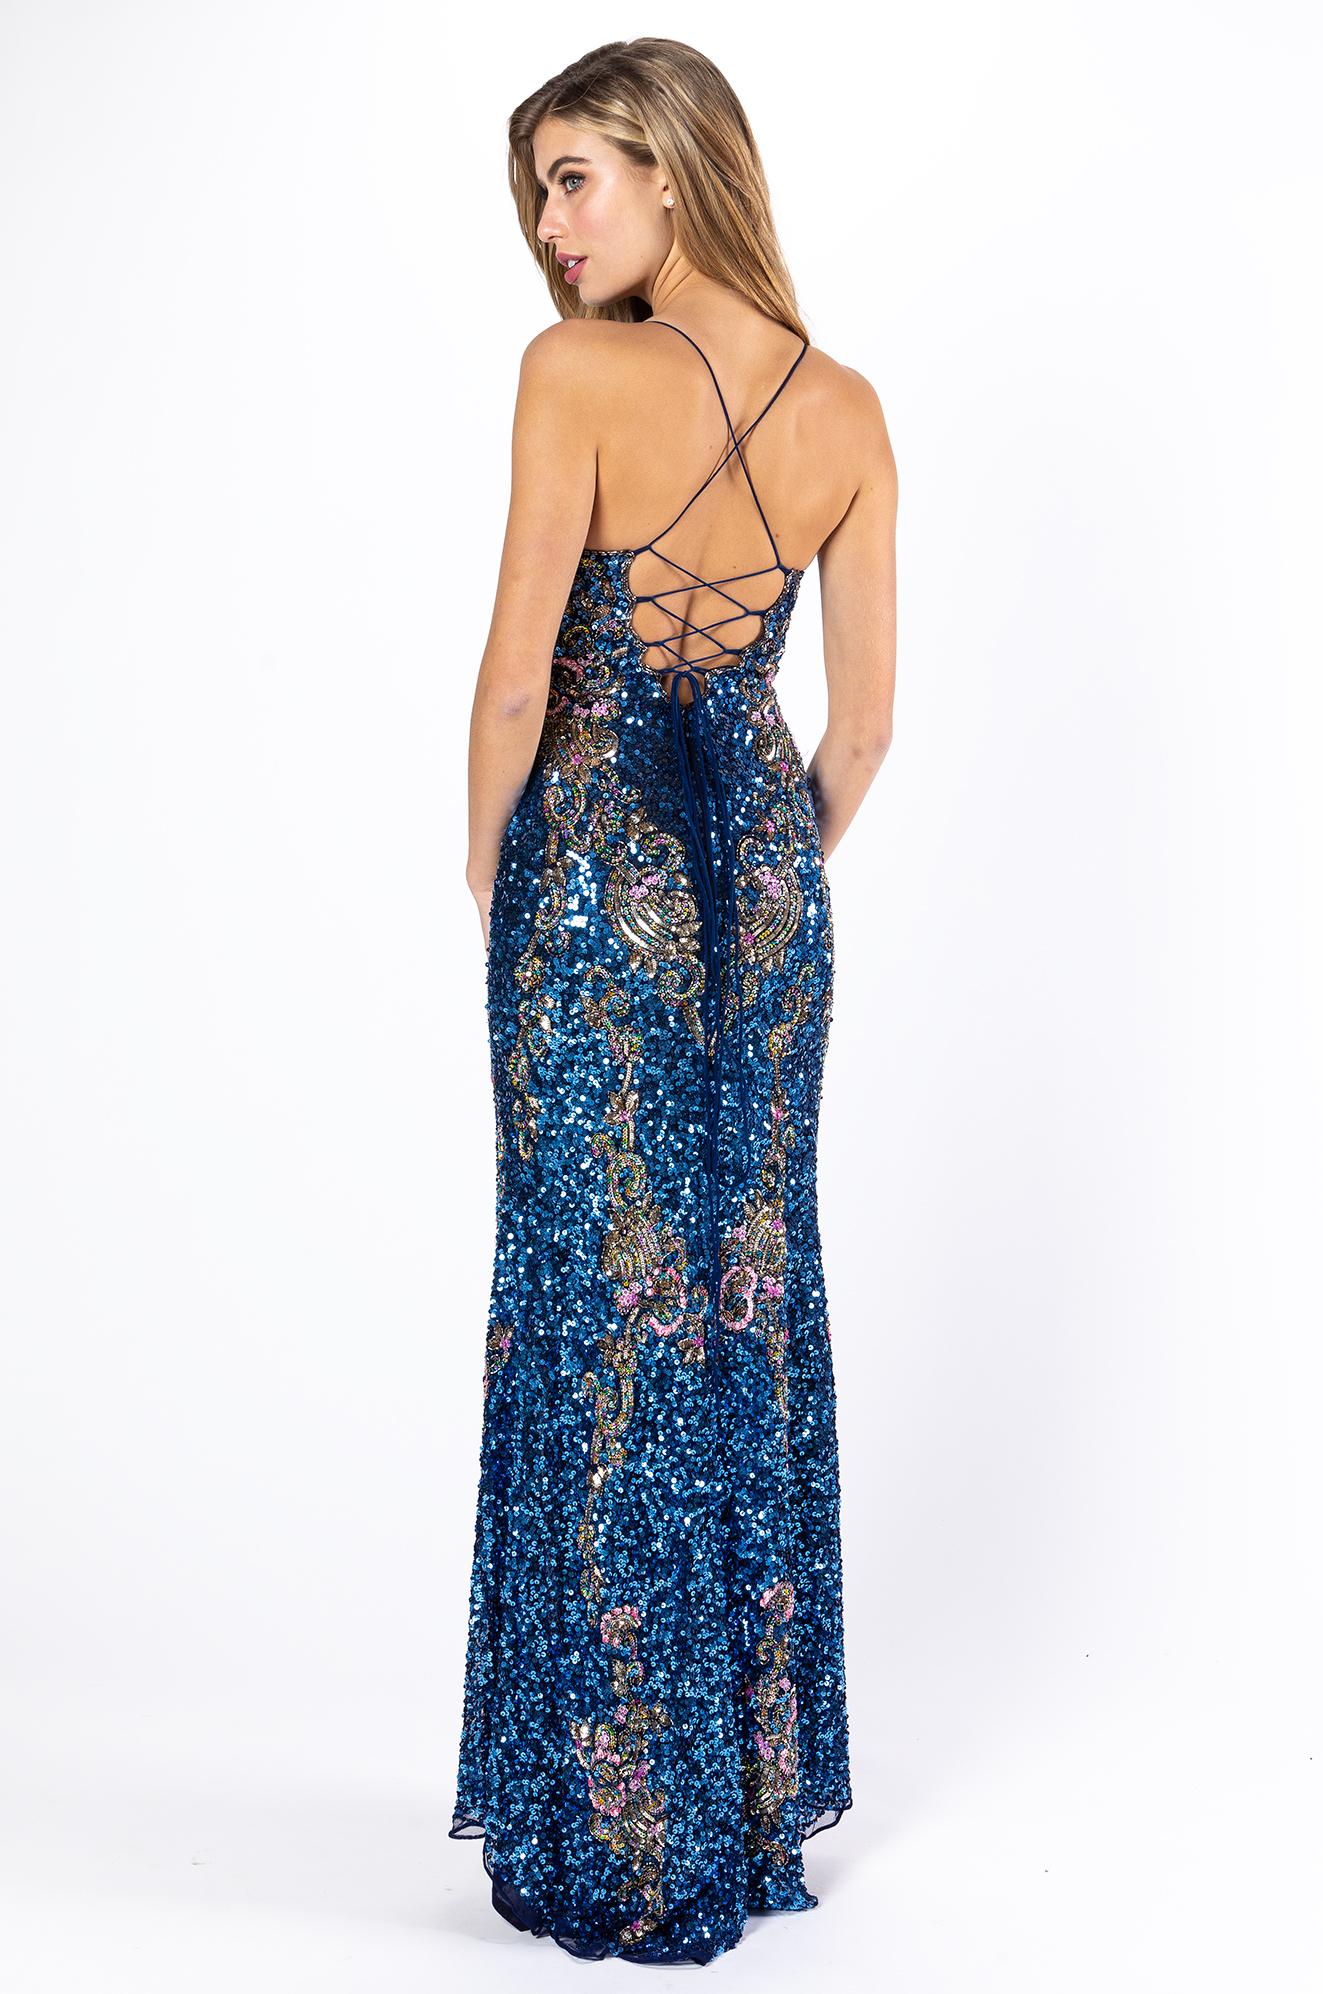 f81dd1ab1b7d Primavera Couture 3211 Prom Dress – Dynamite Dress